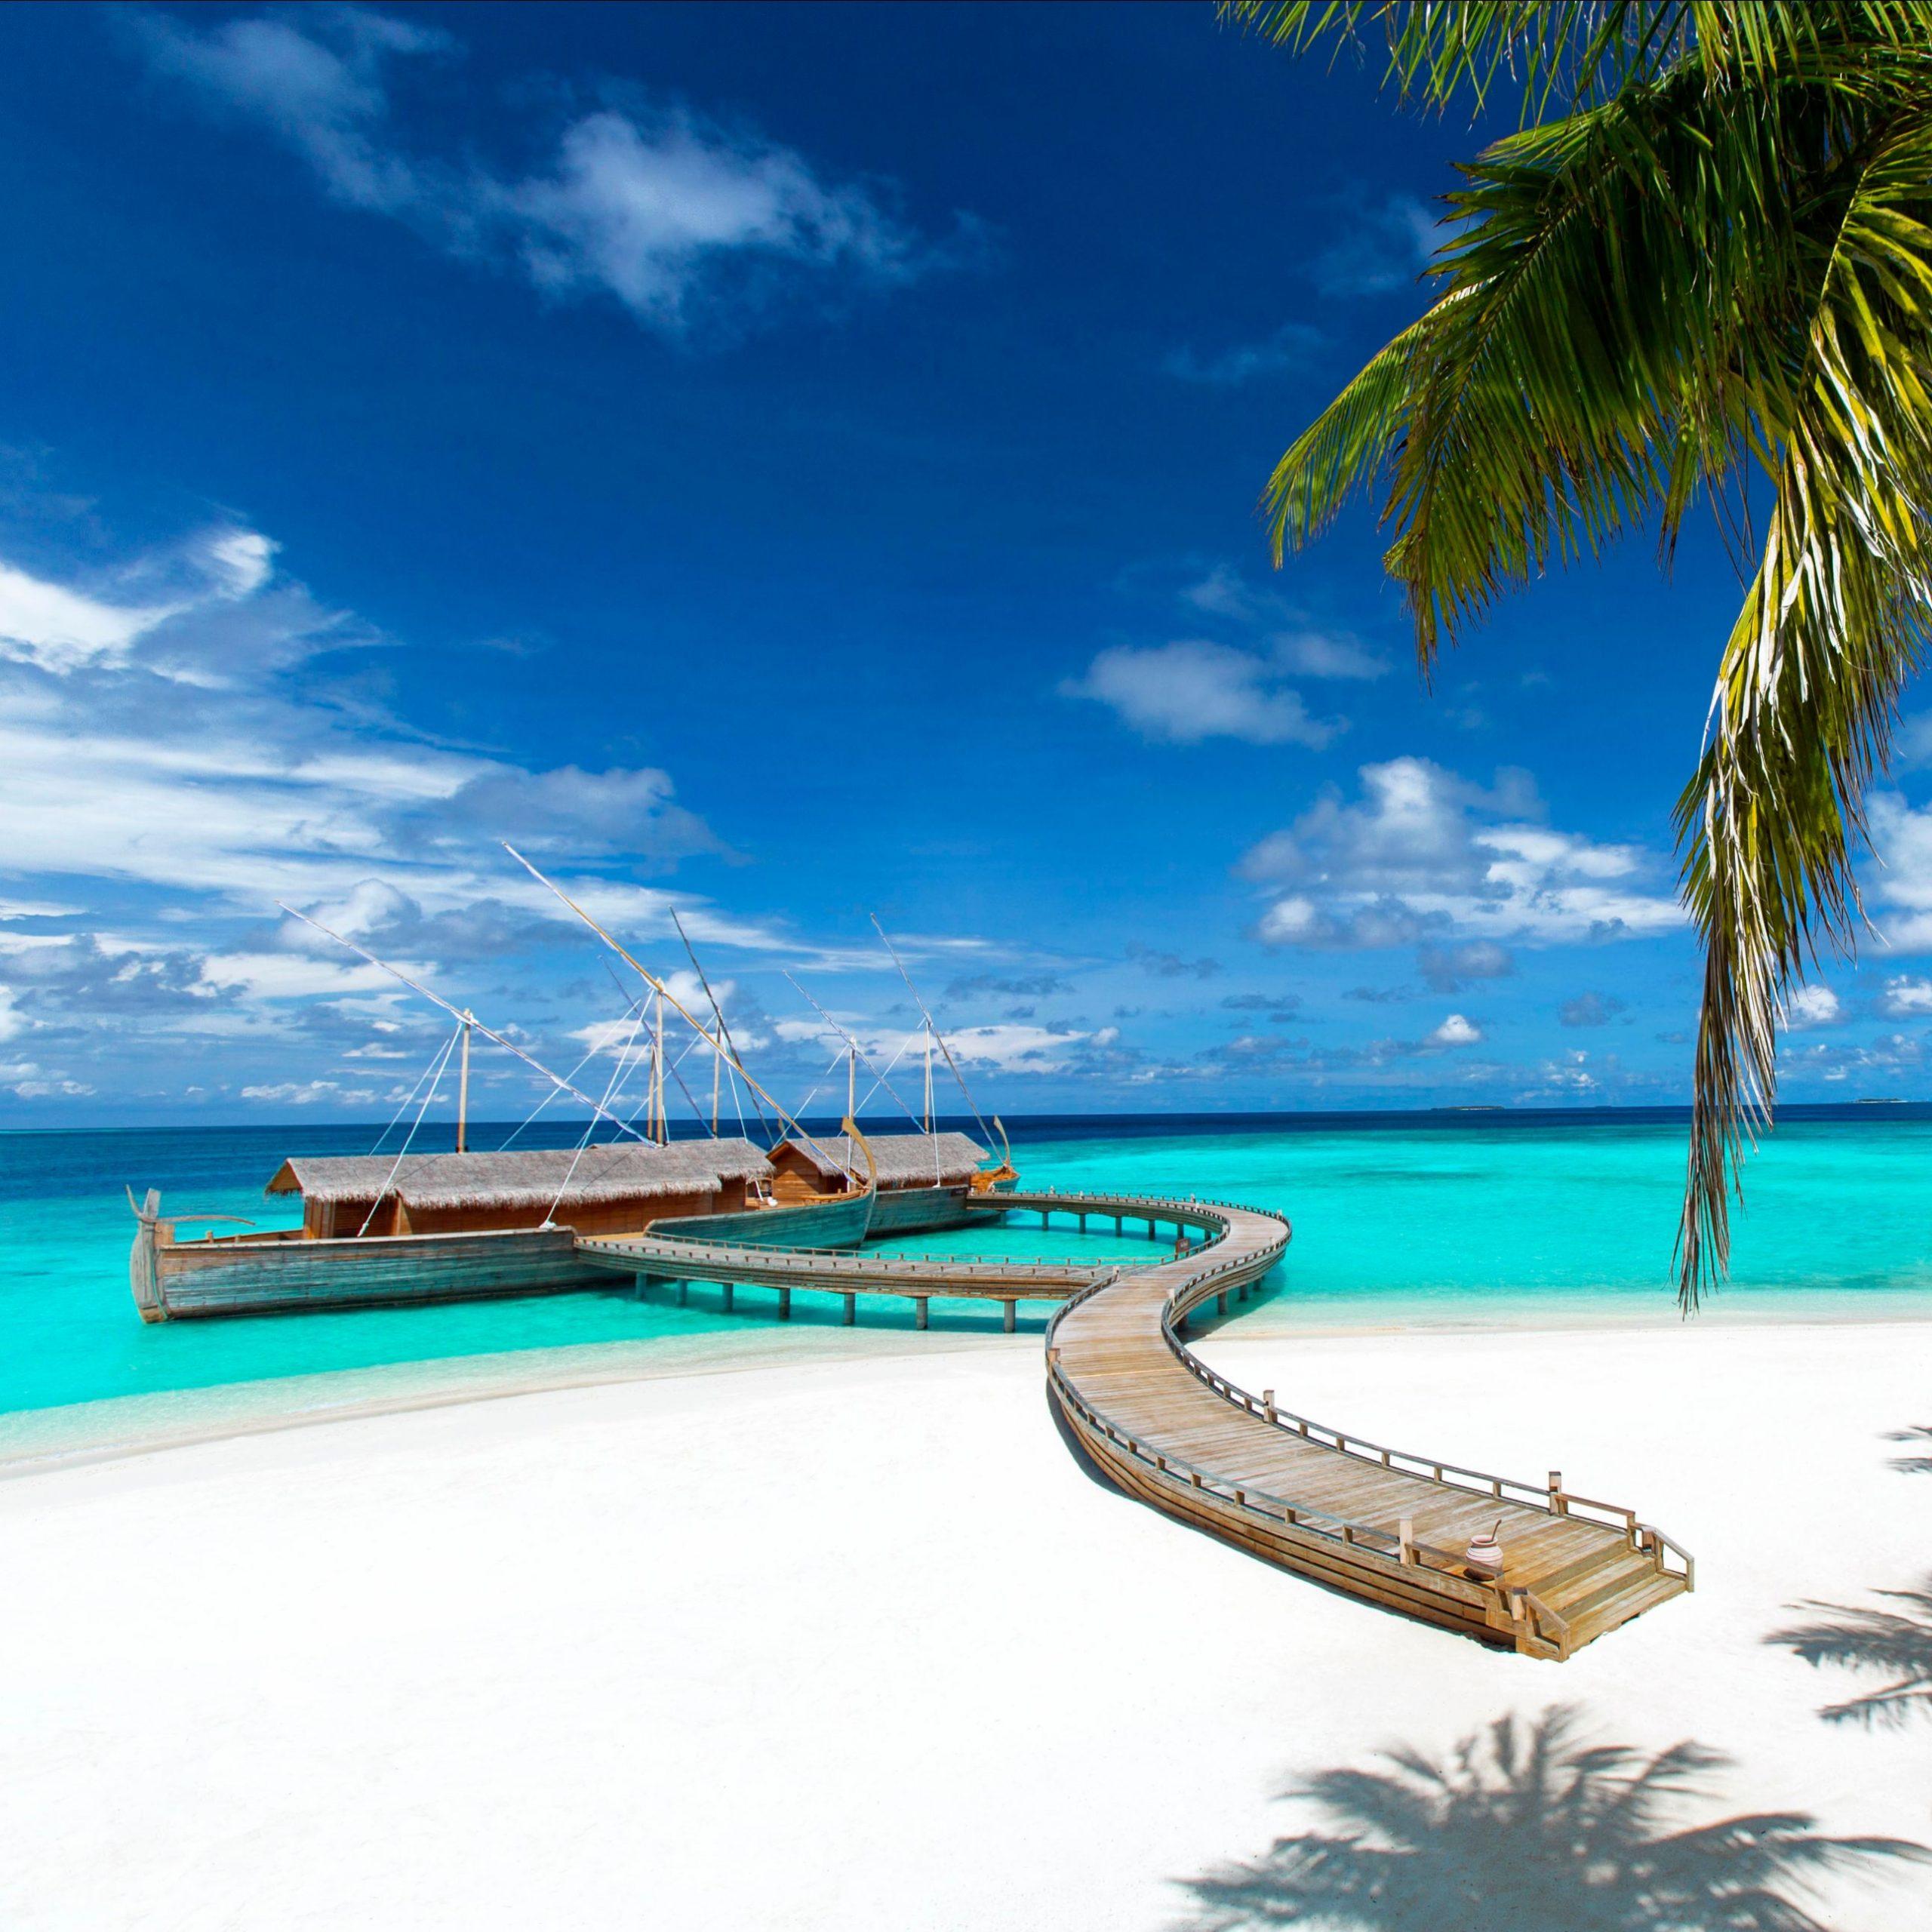 Private Jet to the Maldives